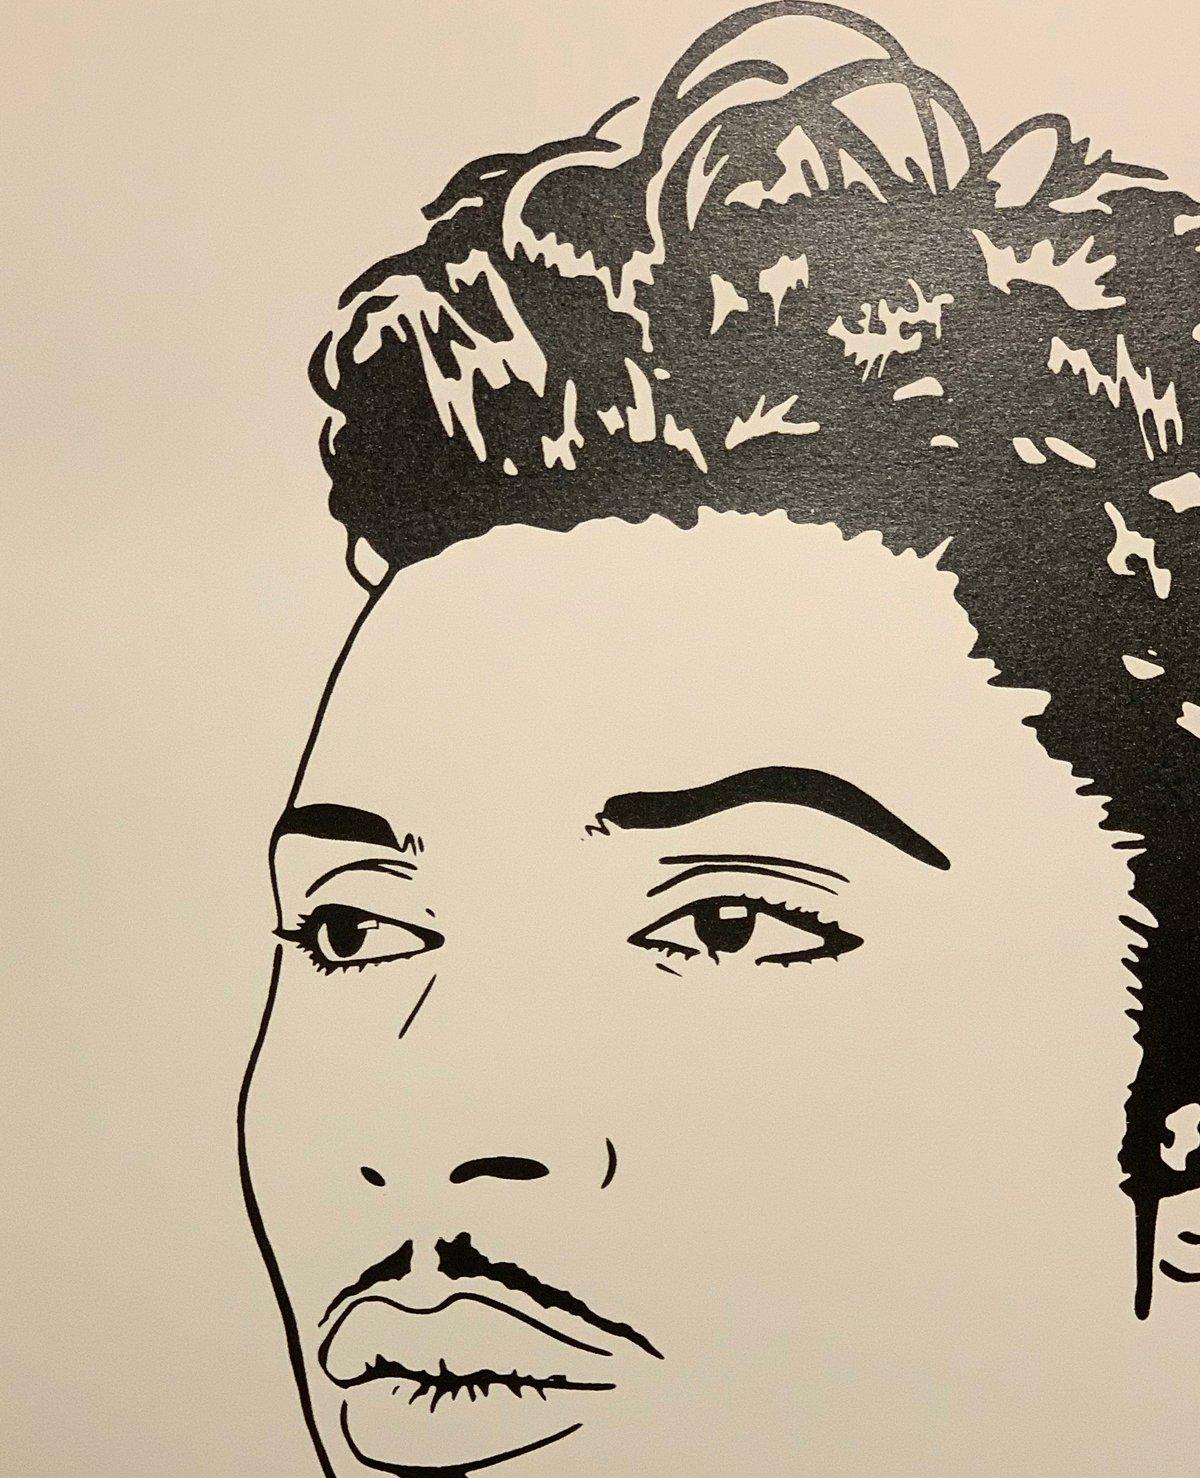 Image of Little Richard